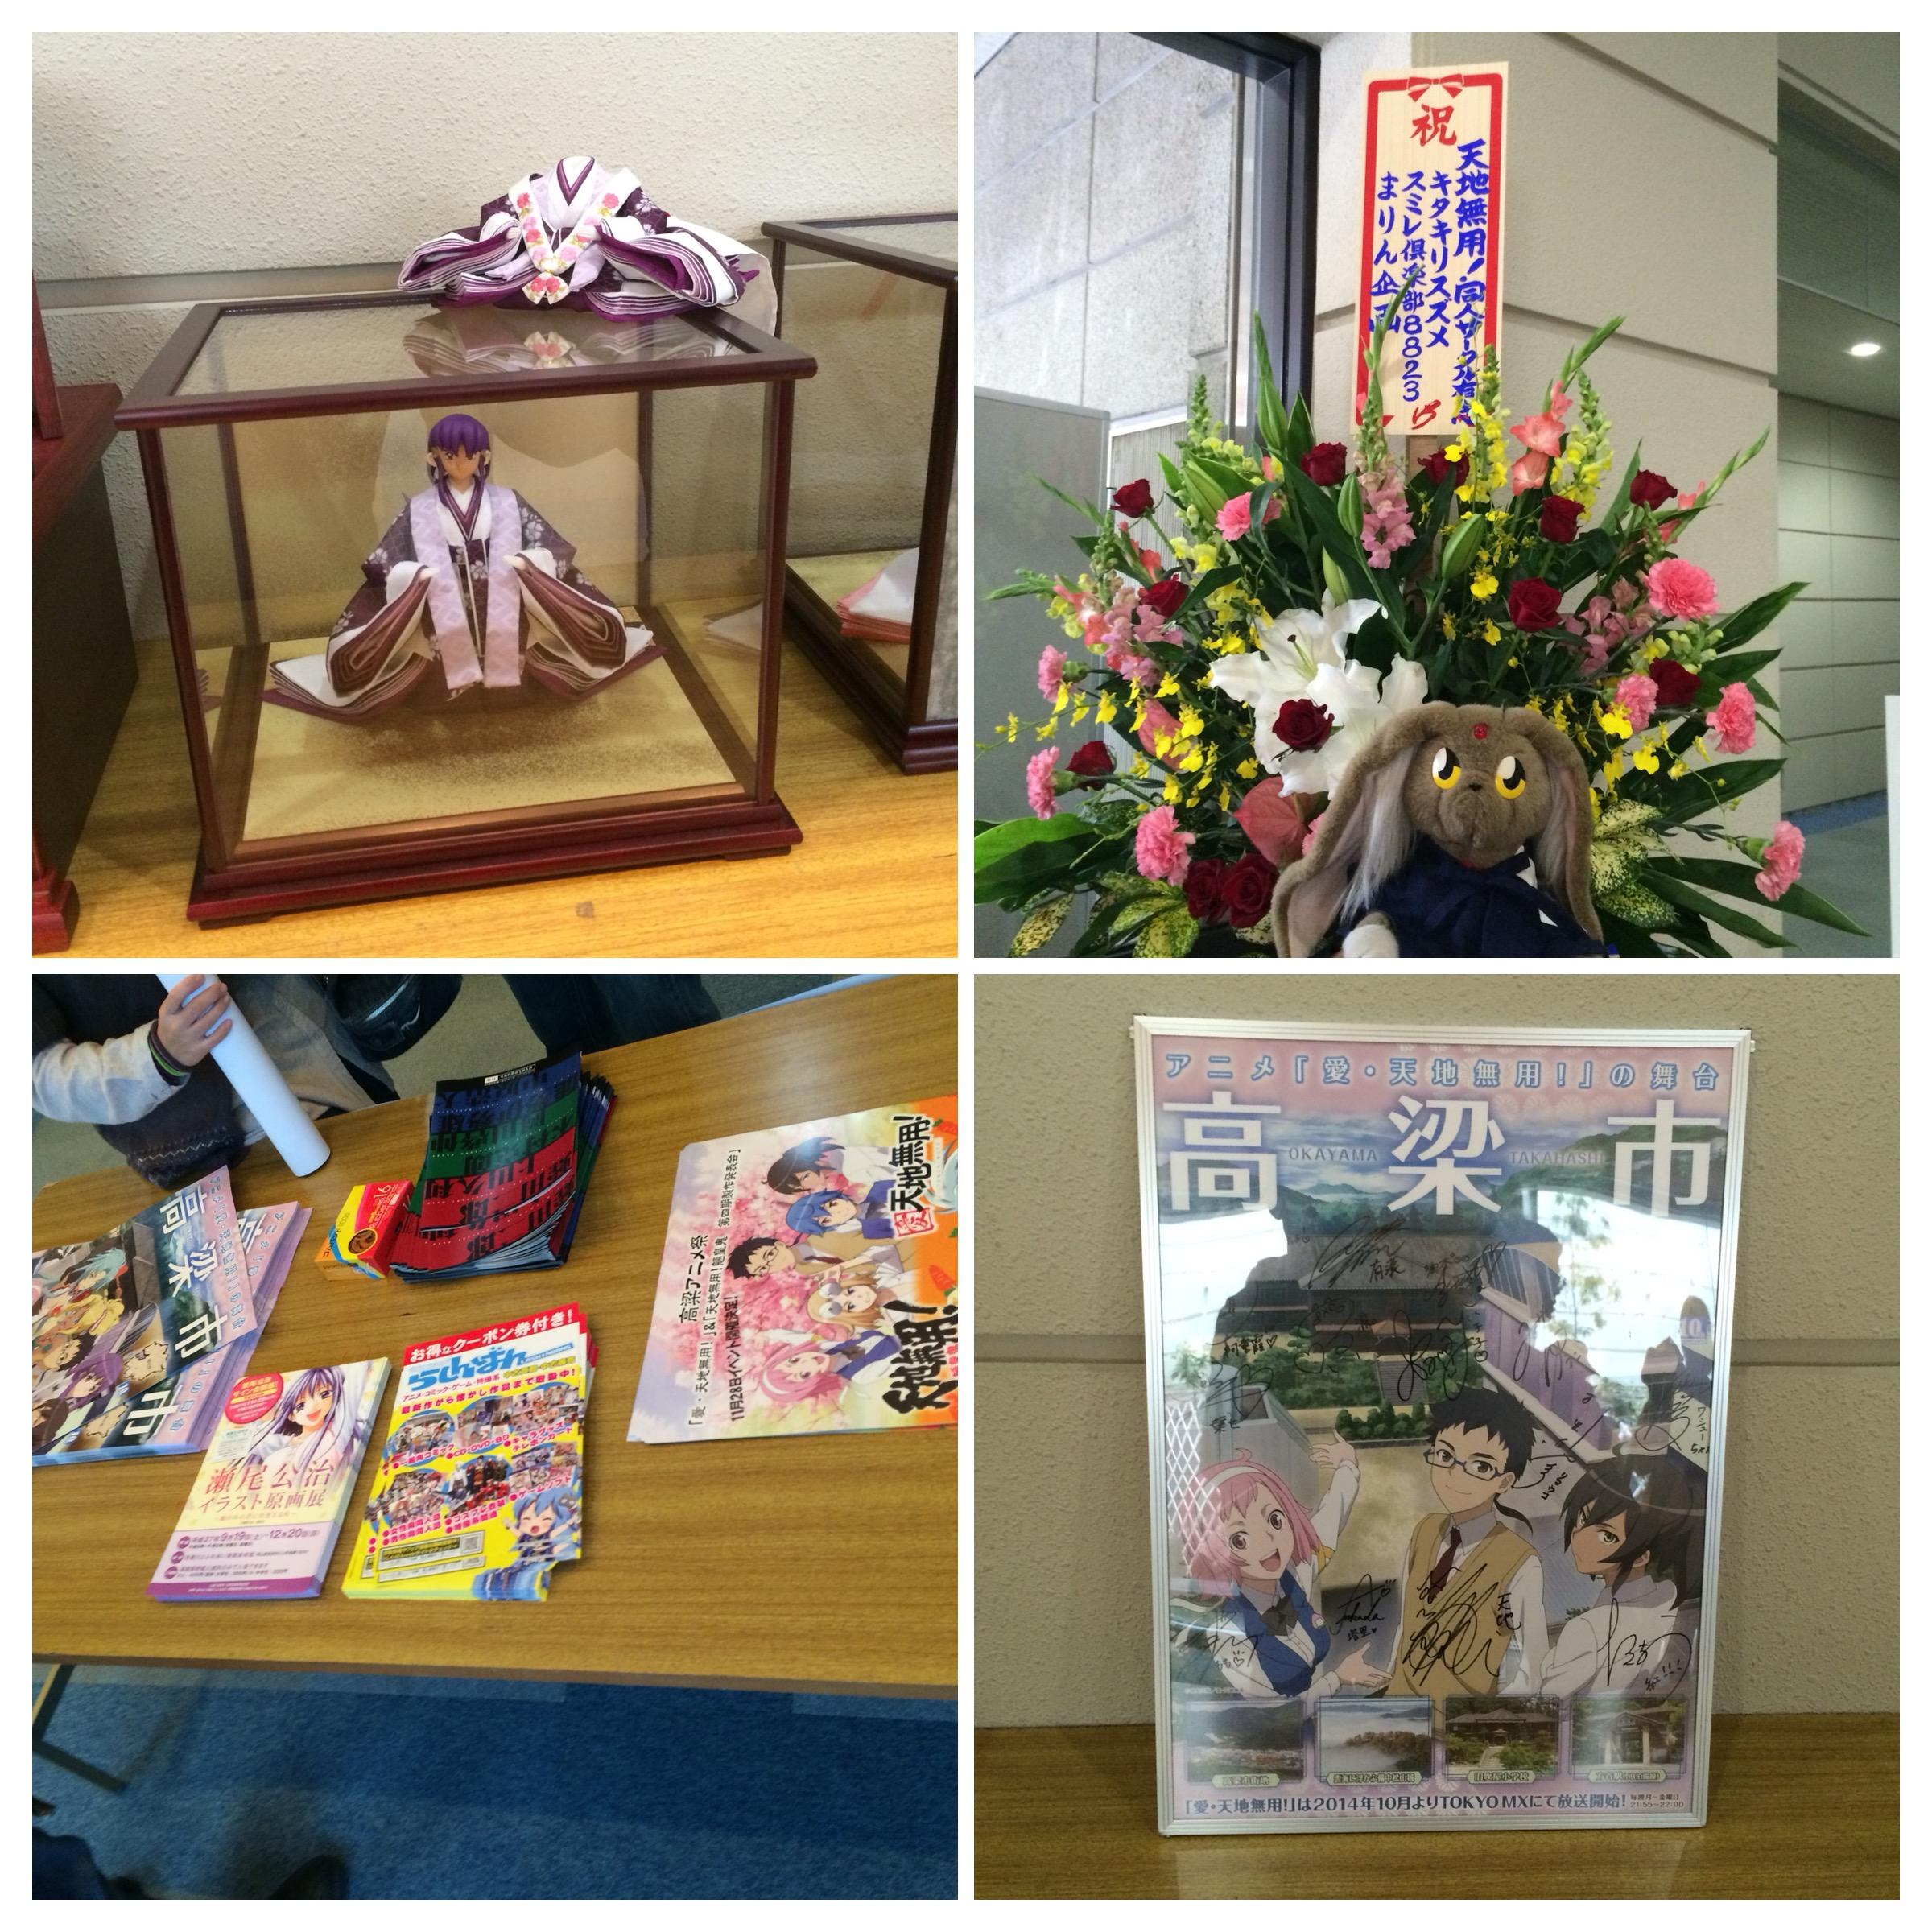 高梁アニメ祭ロビー2